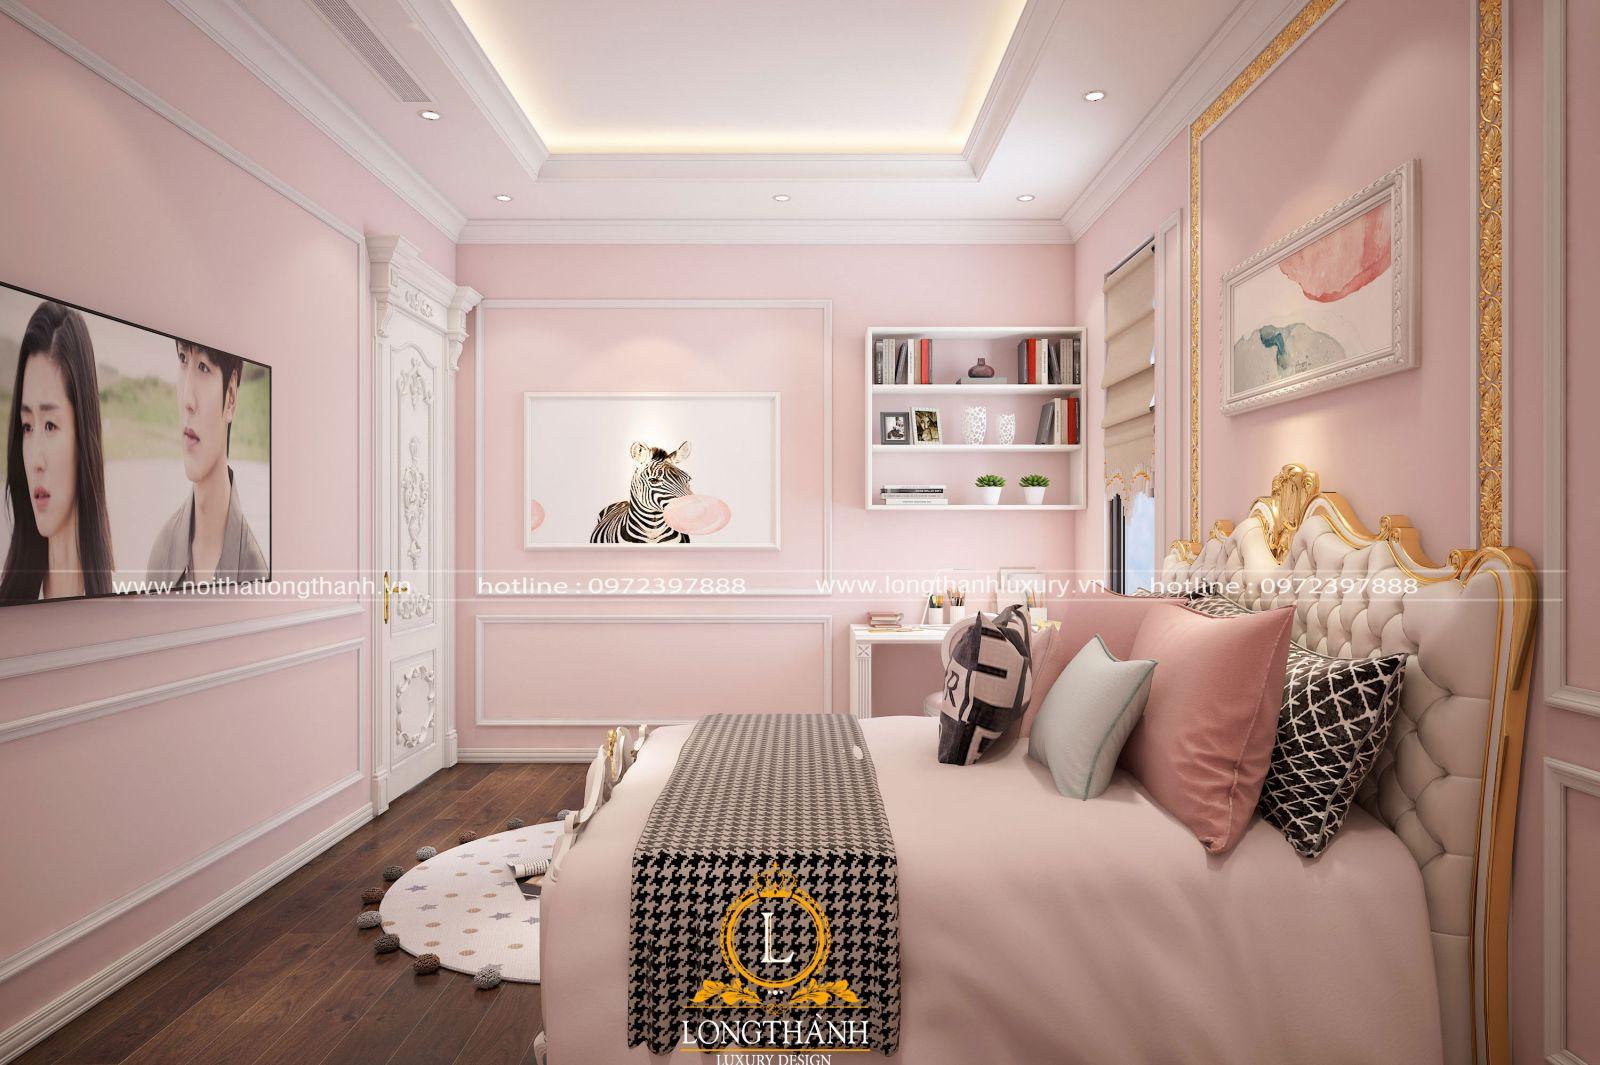 Phòng ngủ theo phong cách tân cổ điển